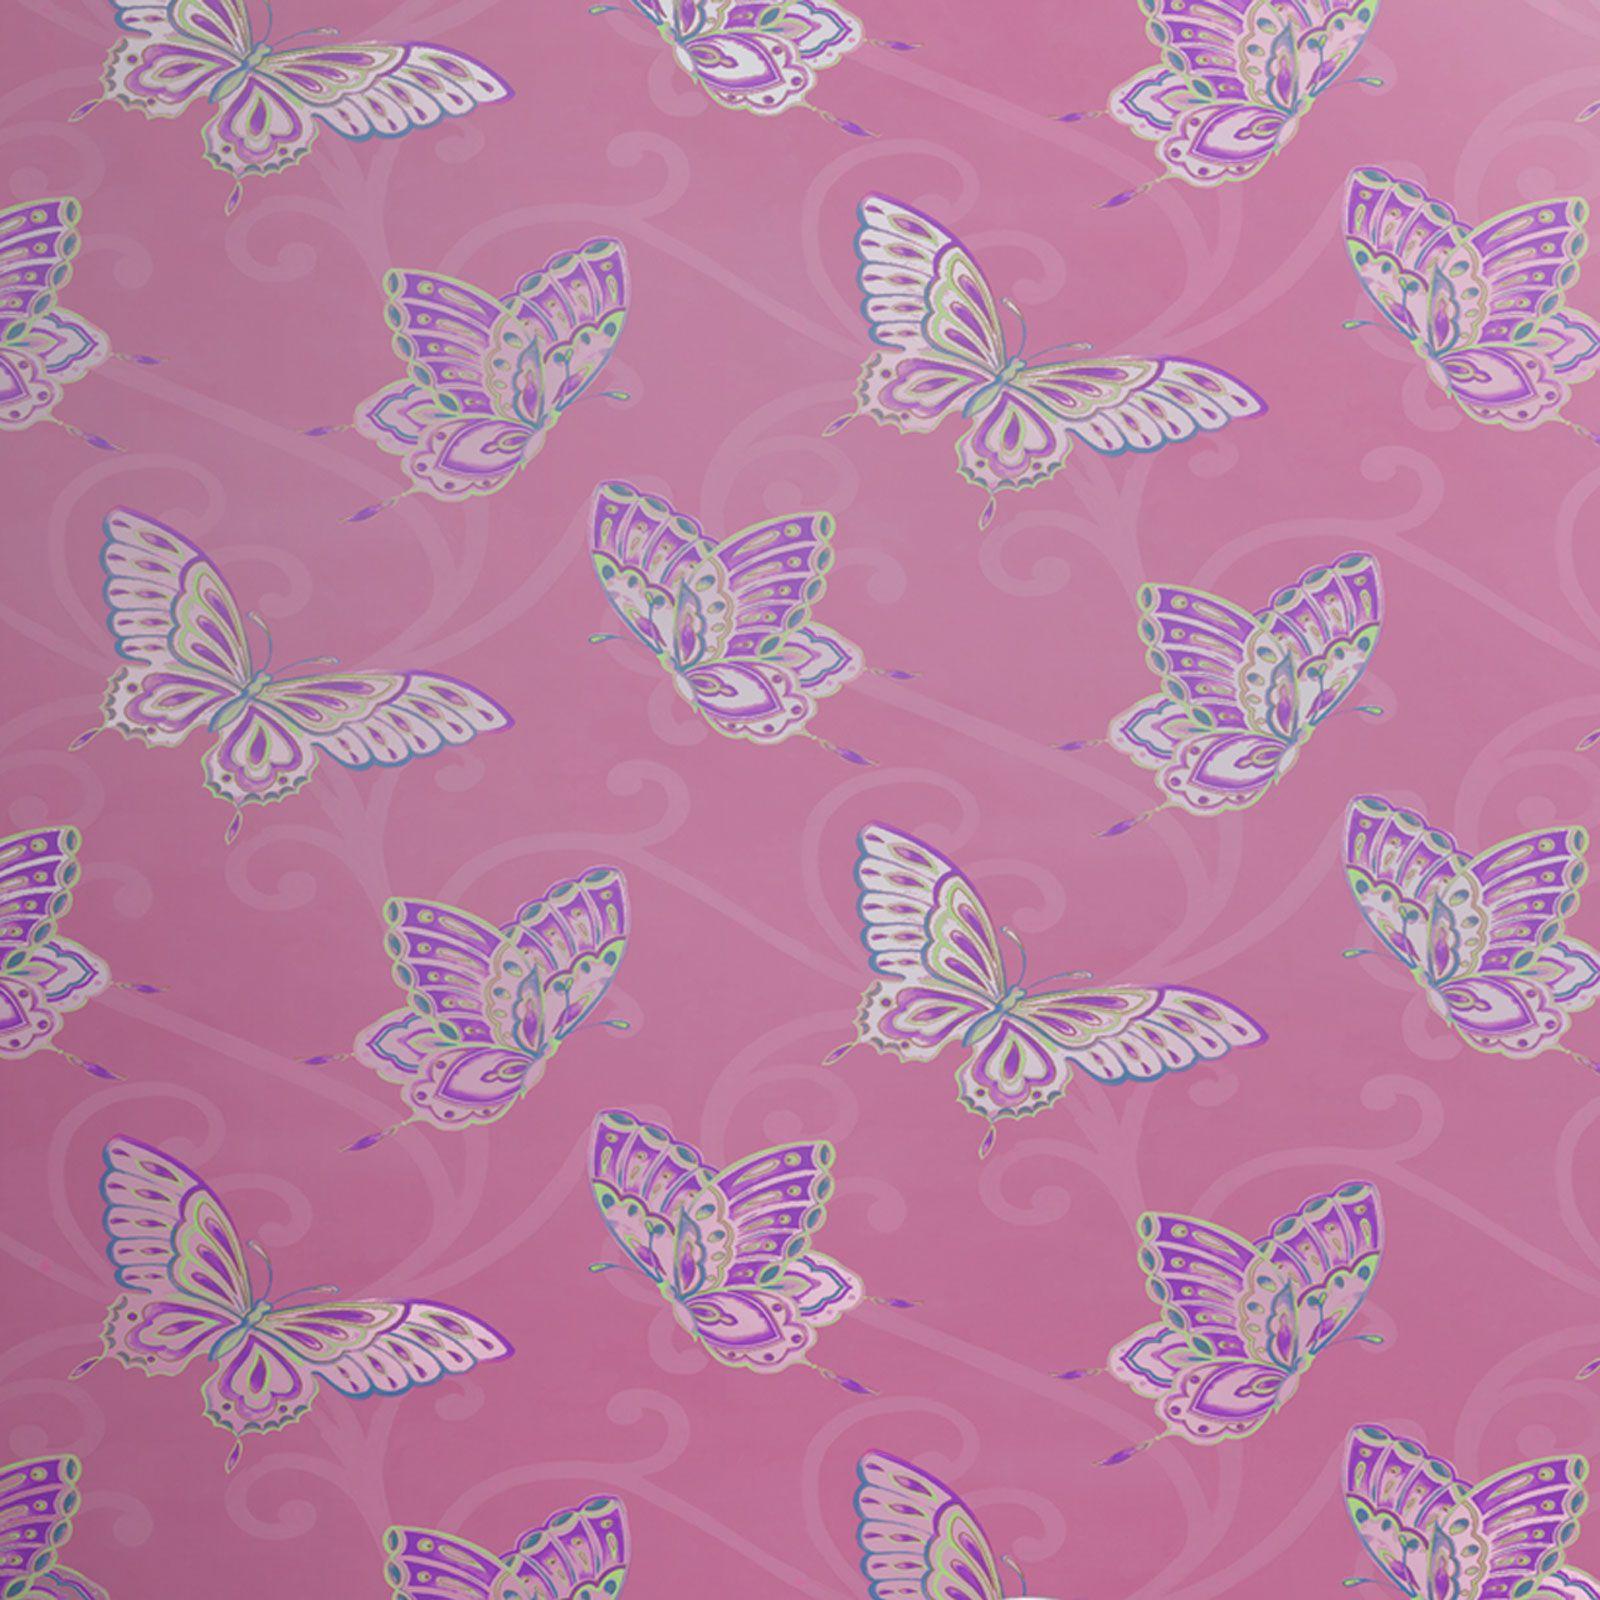 Mädchen Schlafzimmer Schmetterling Tapete In Rosa, Weiß